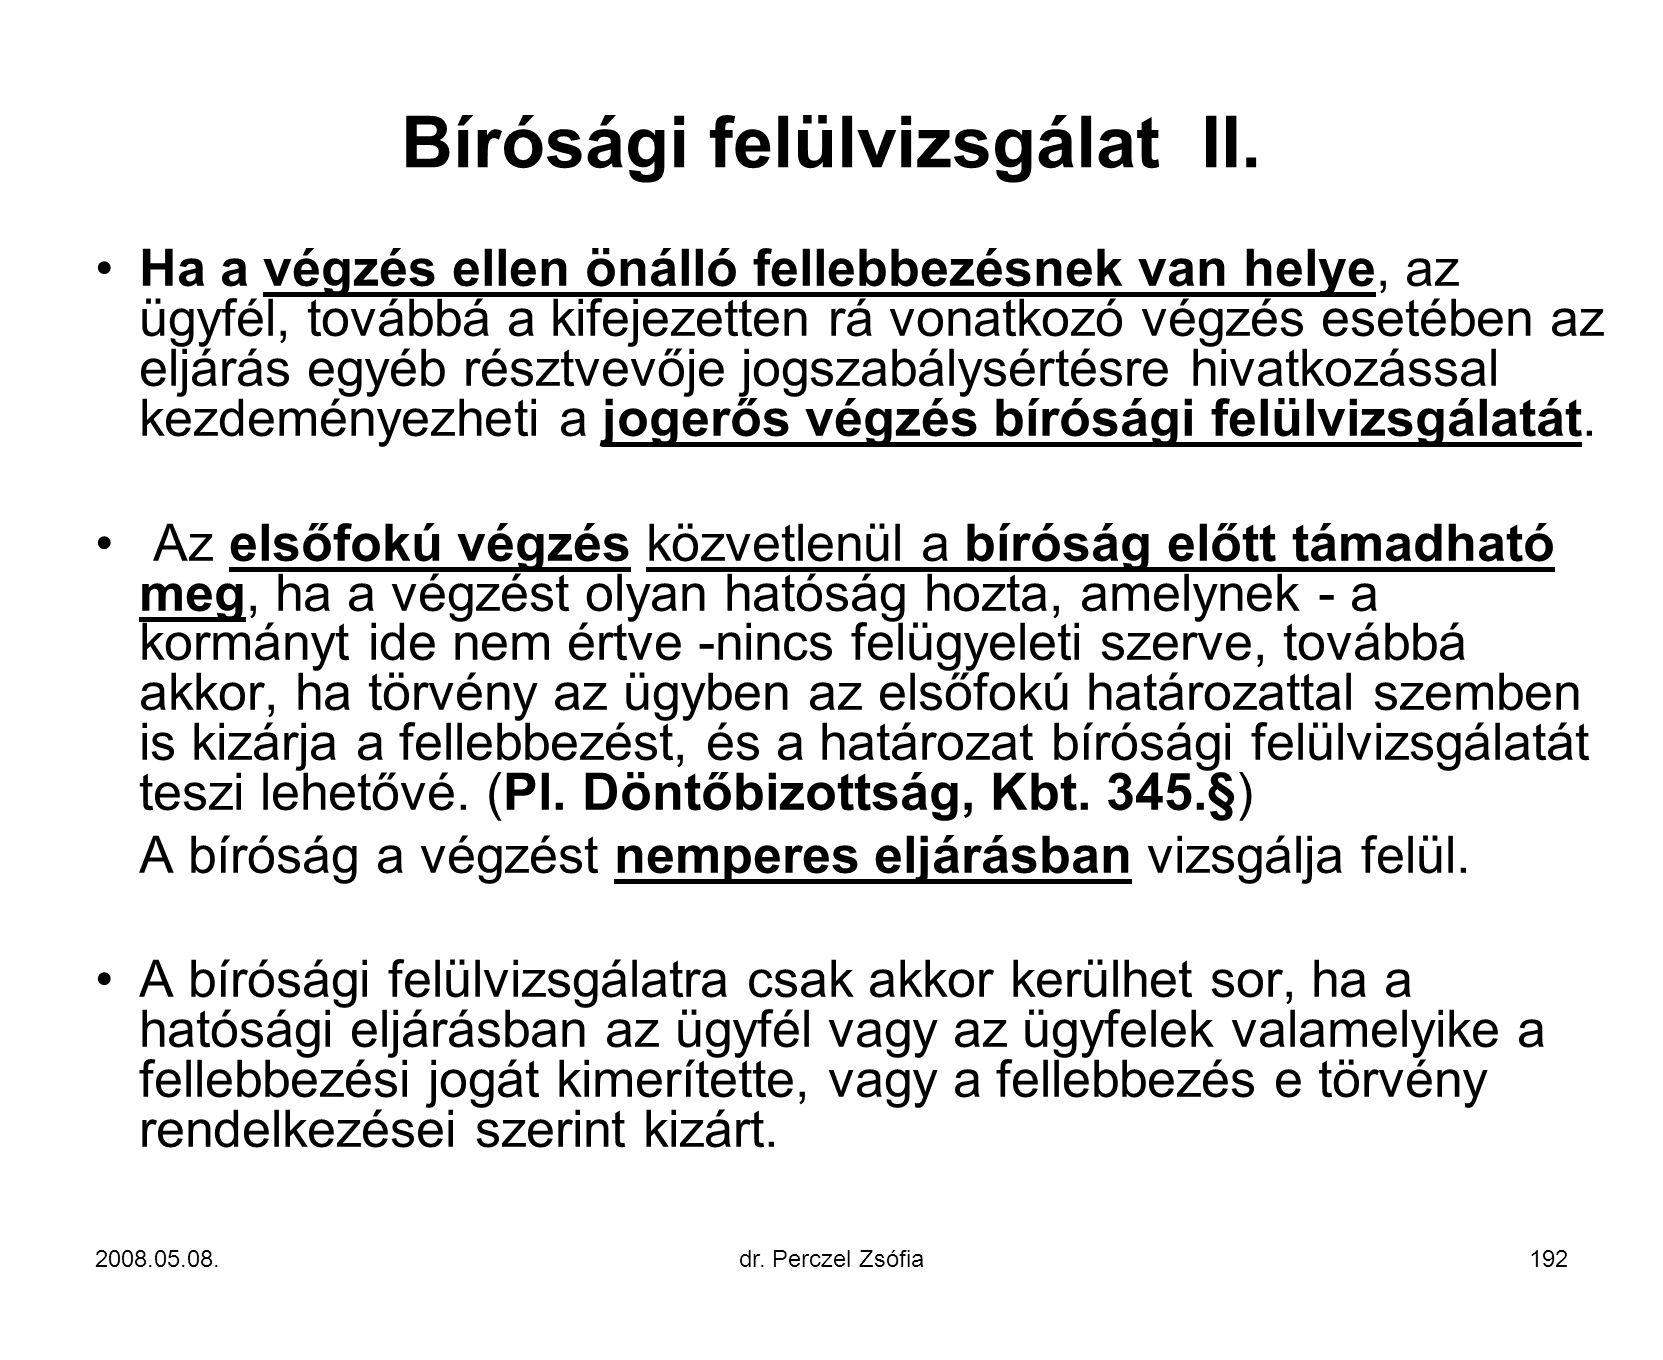 Bírósági felülvizsgálat II.